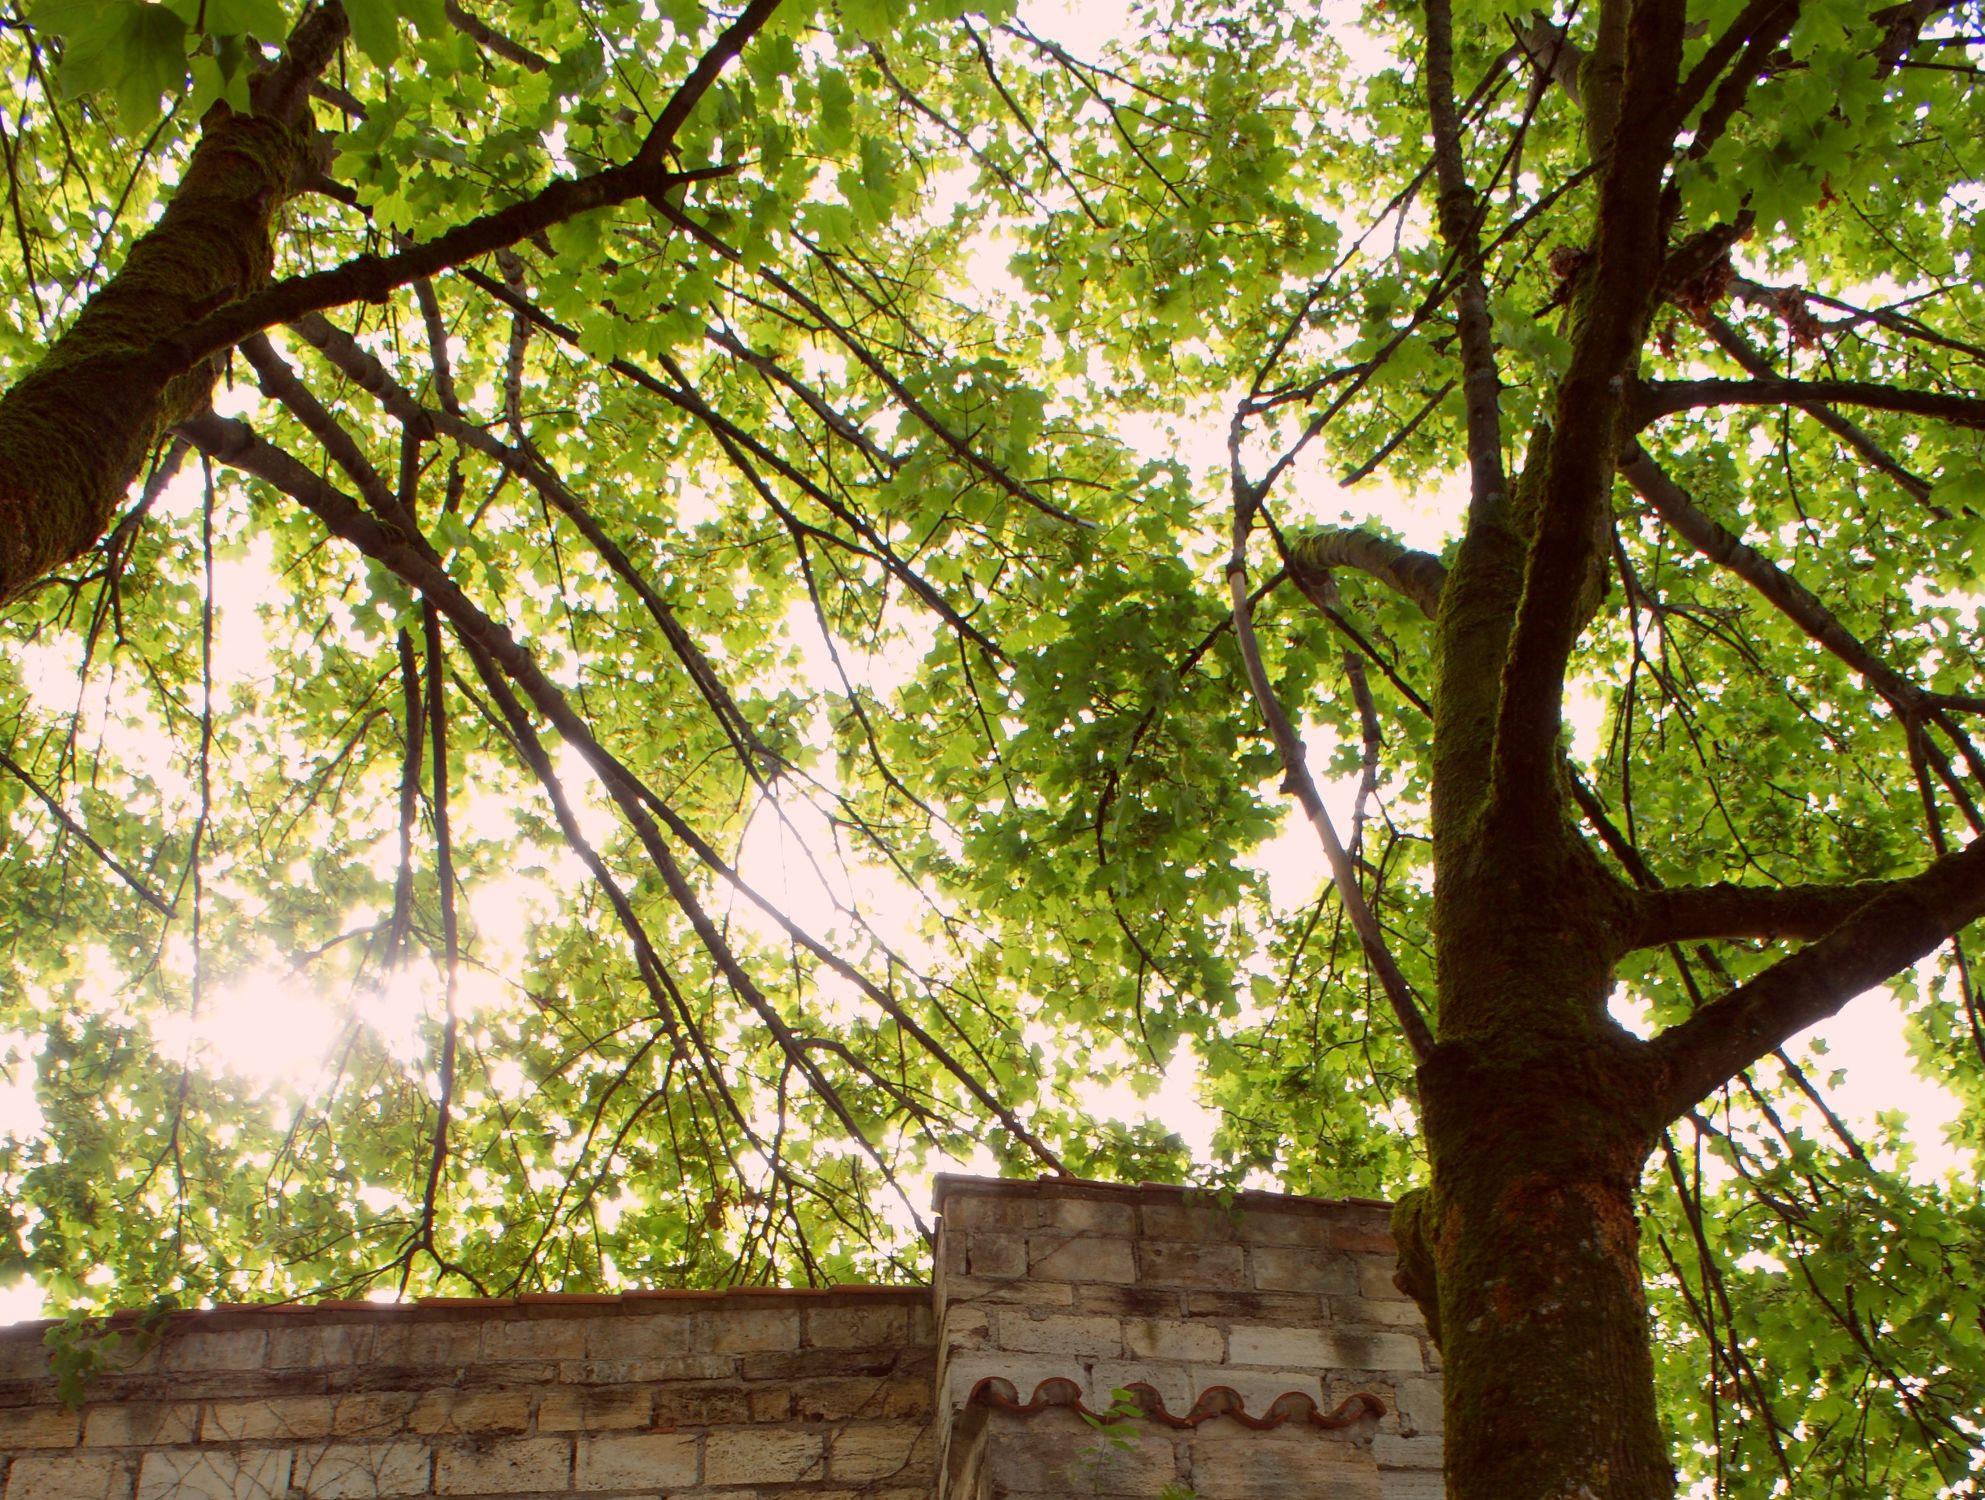 Bild mit Natur, Himmel, Bäume, Baum, Sonnenstrahlen